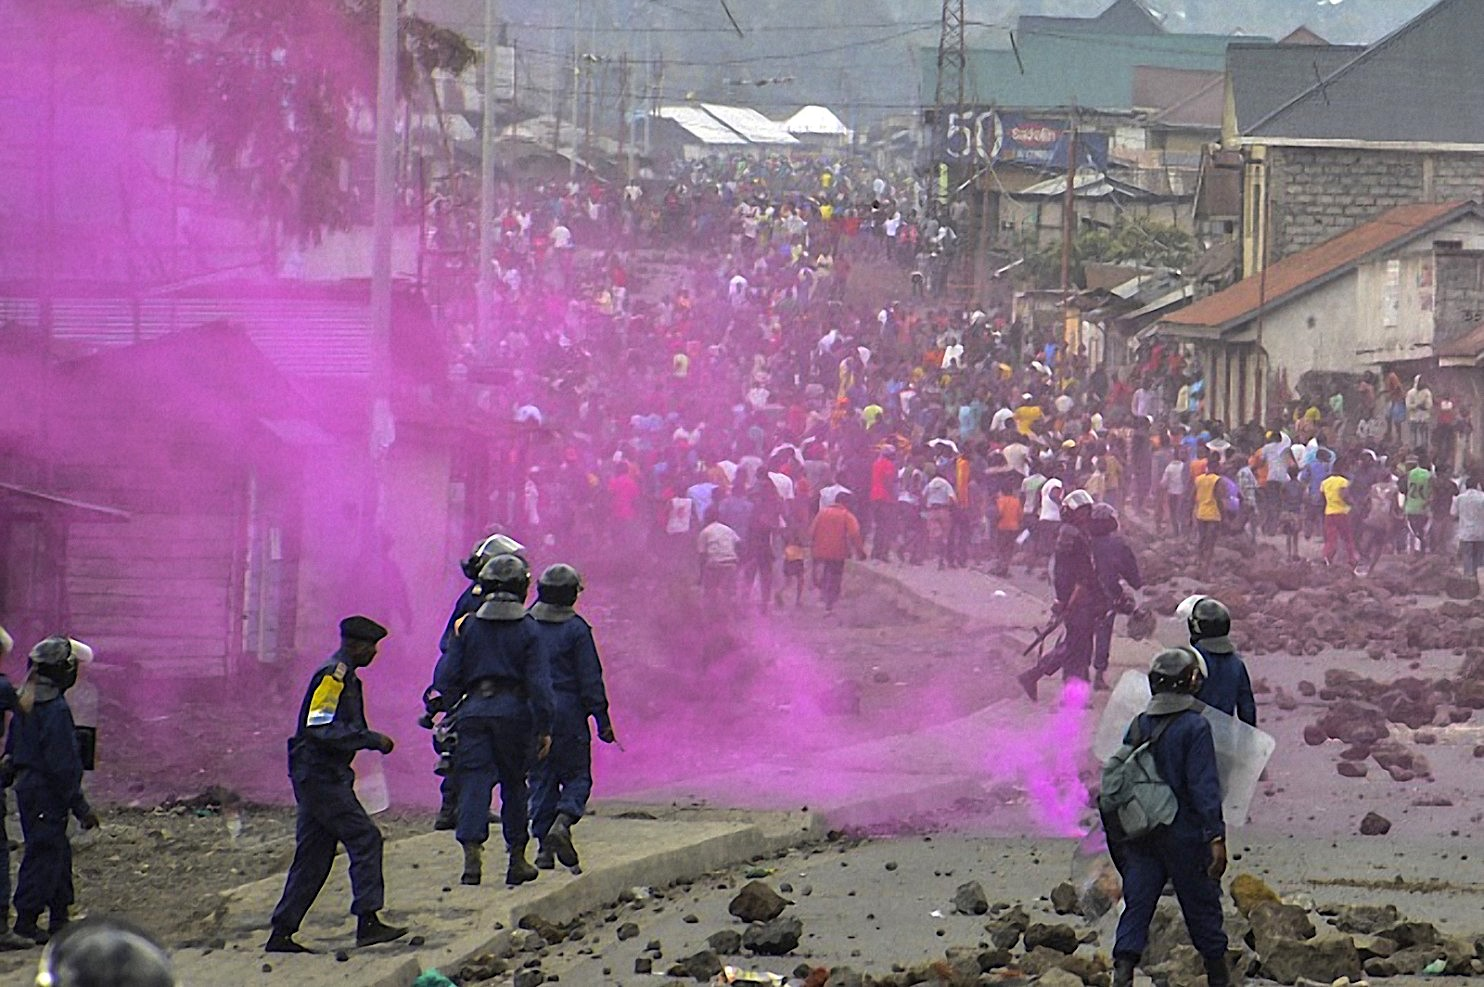 Congo, Democratic Republic of the Congo, KOLUMN, KOLUMN Magazine